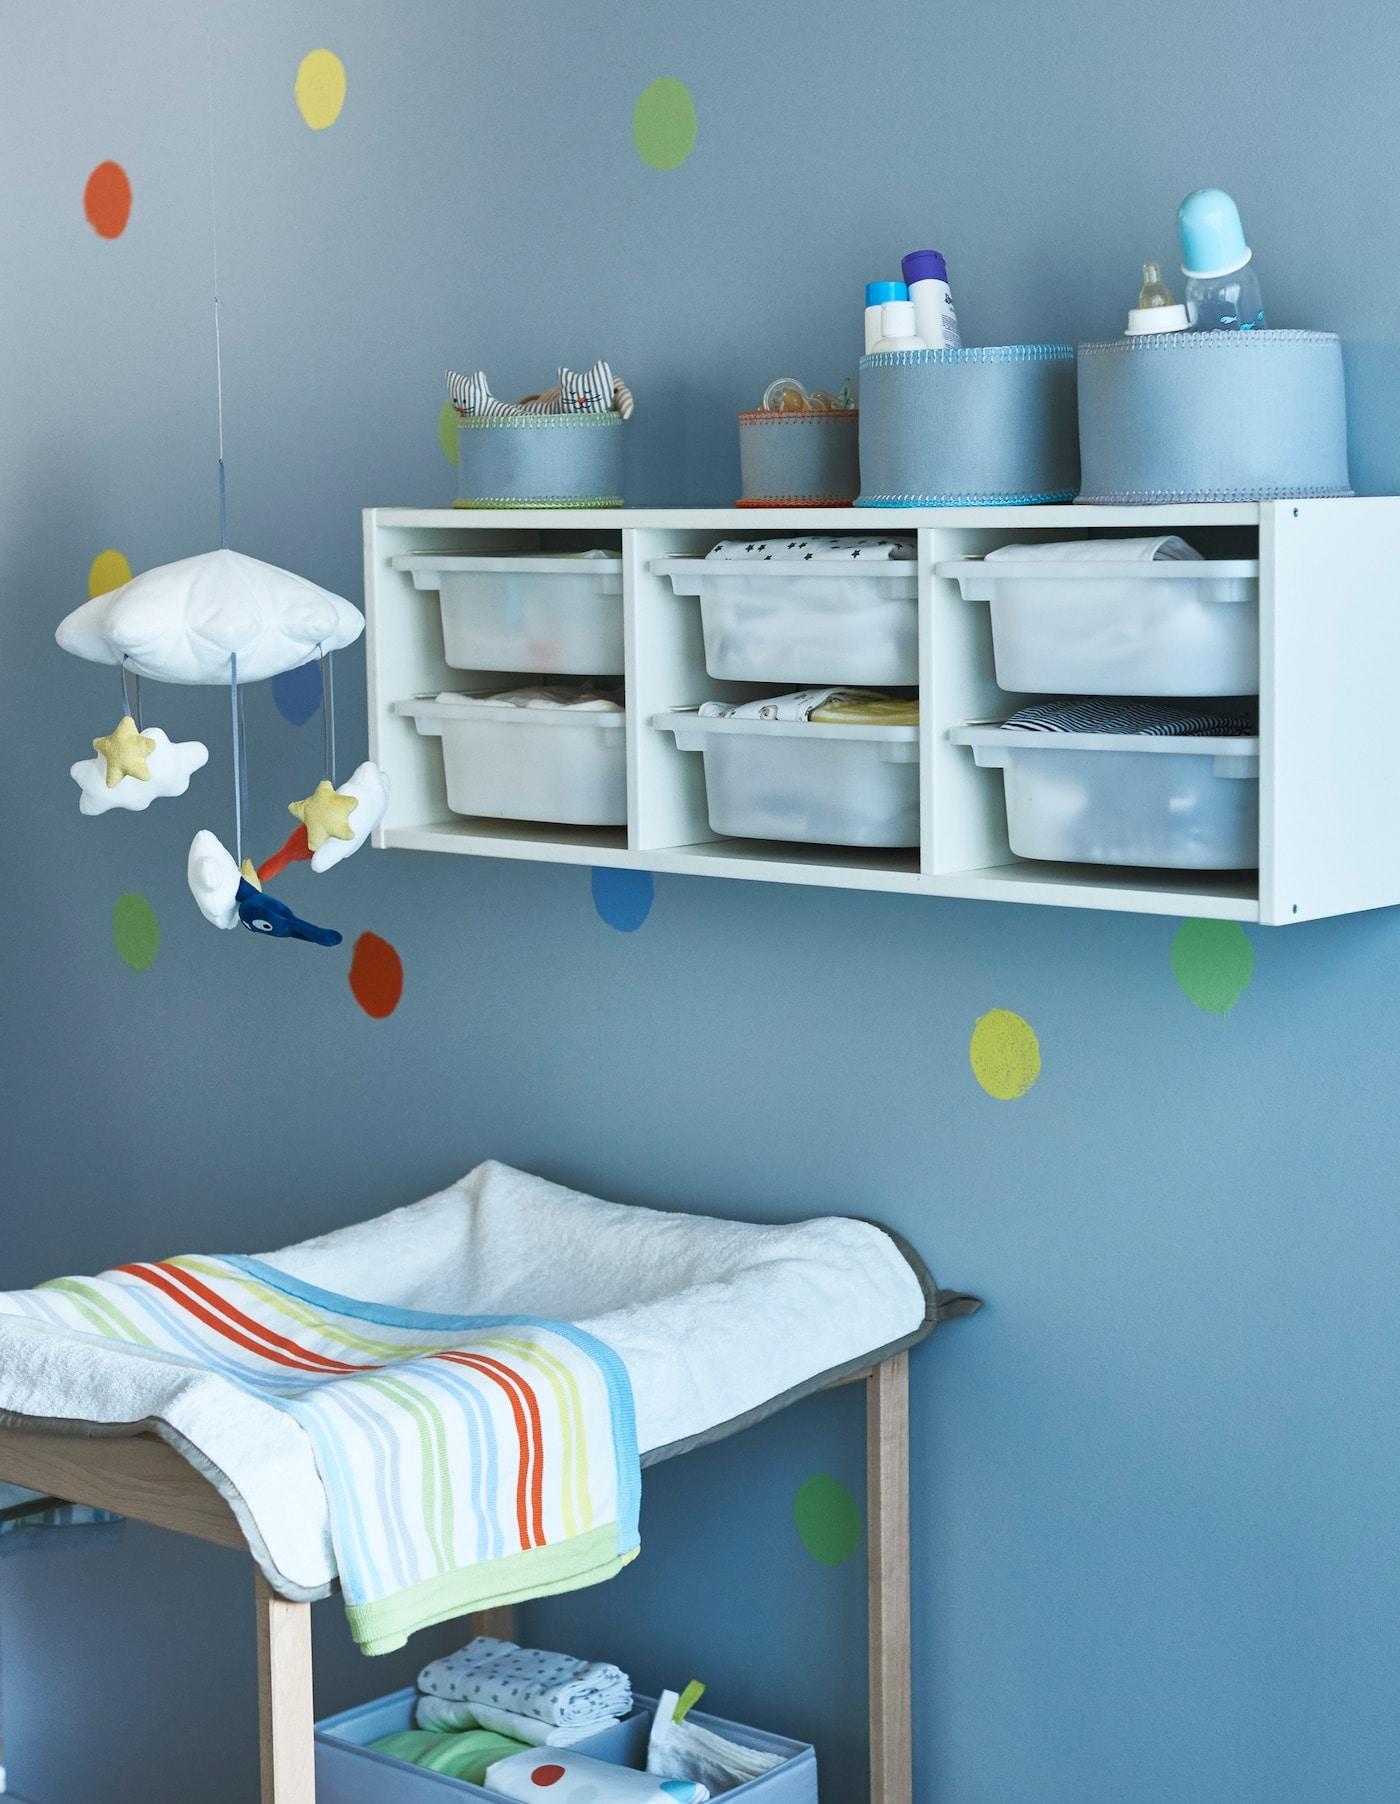 Deviendra Pour Grand Bébé Qui Chambre Ikea lJc1TFuK3